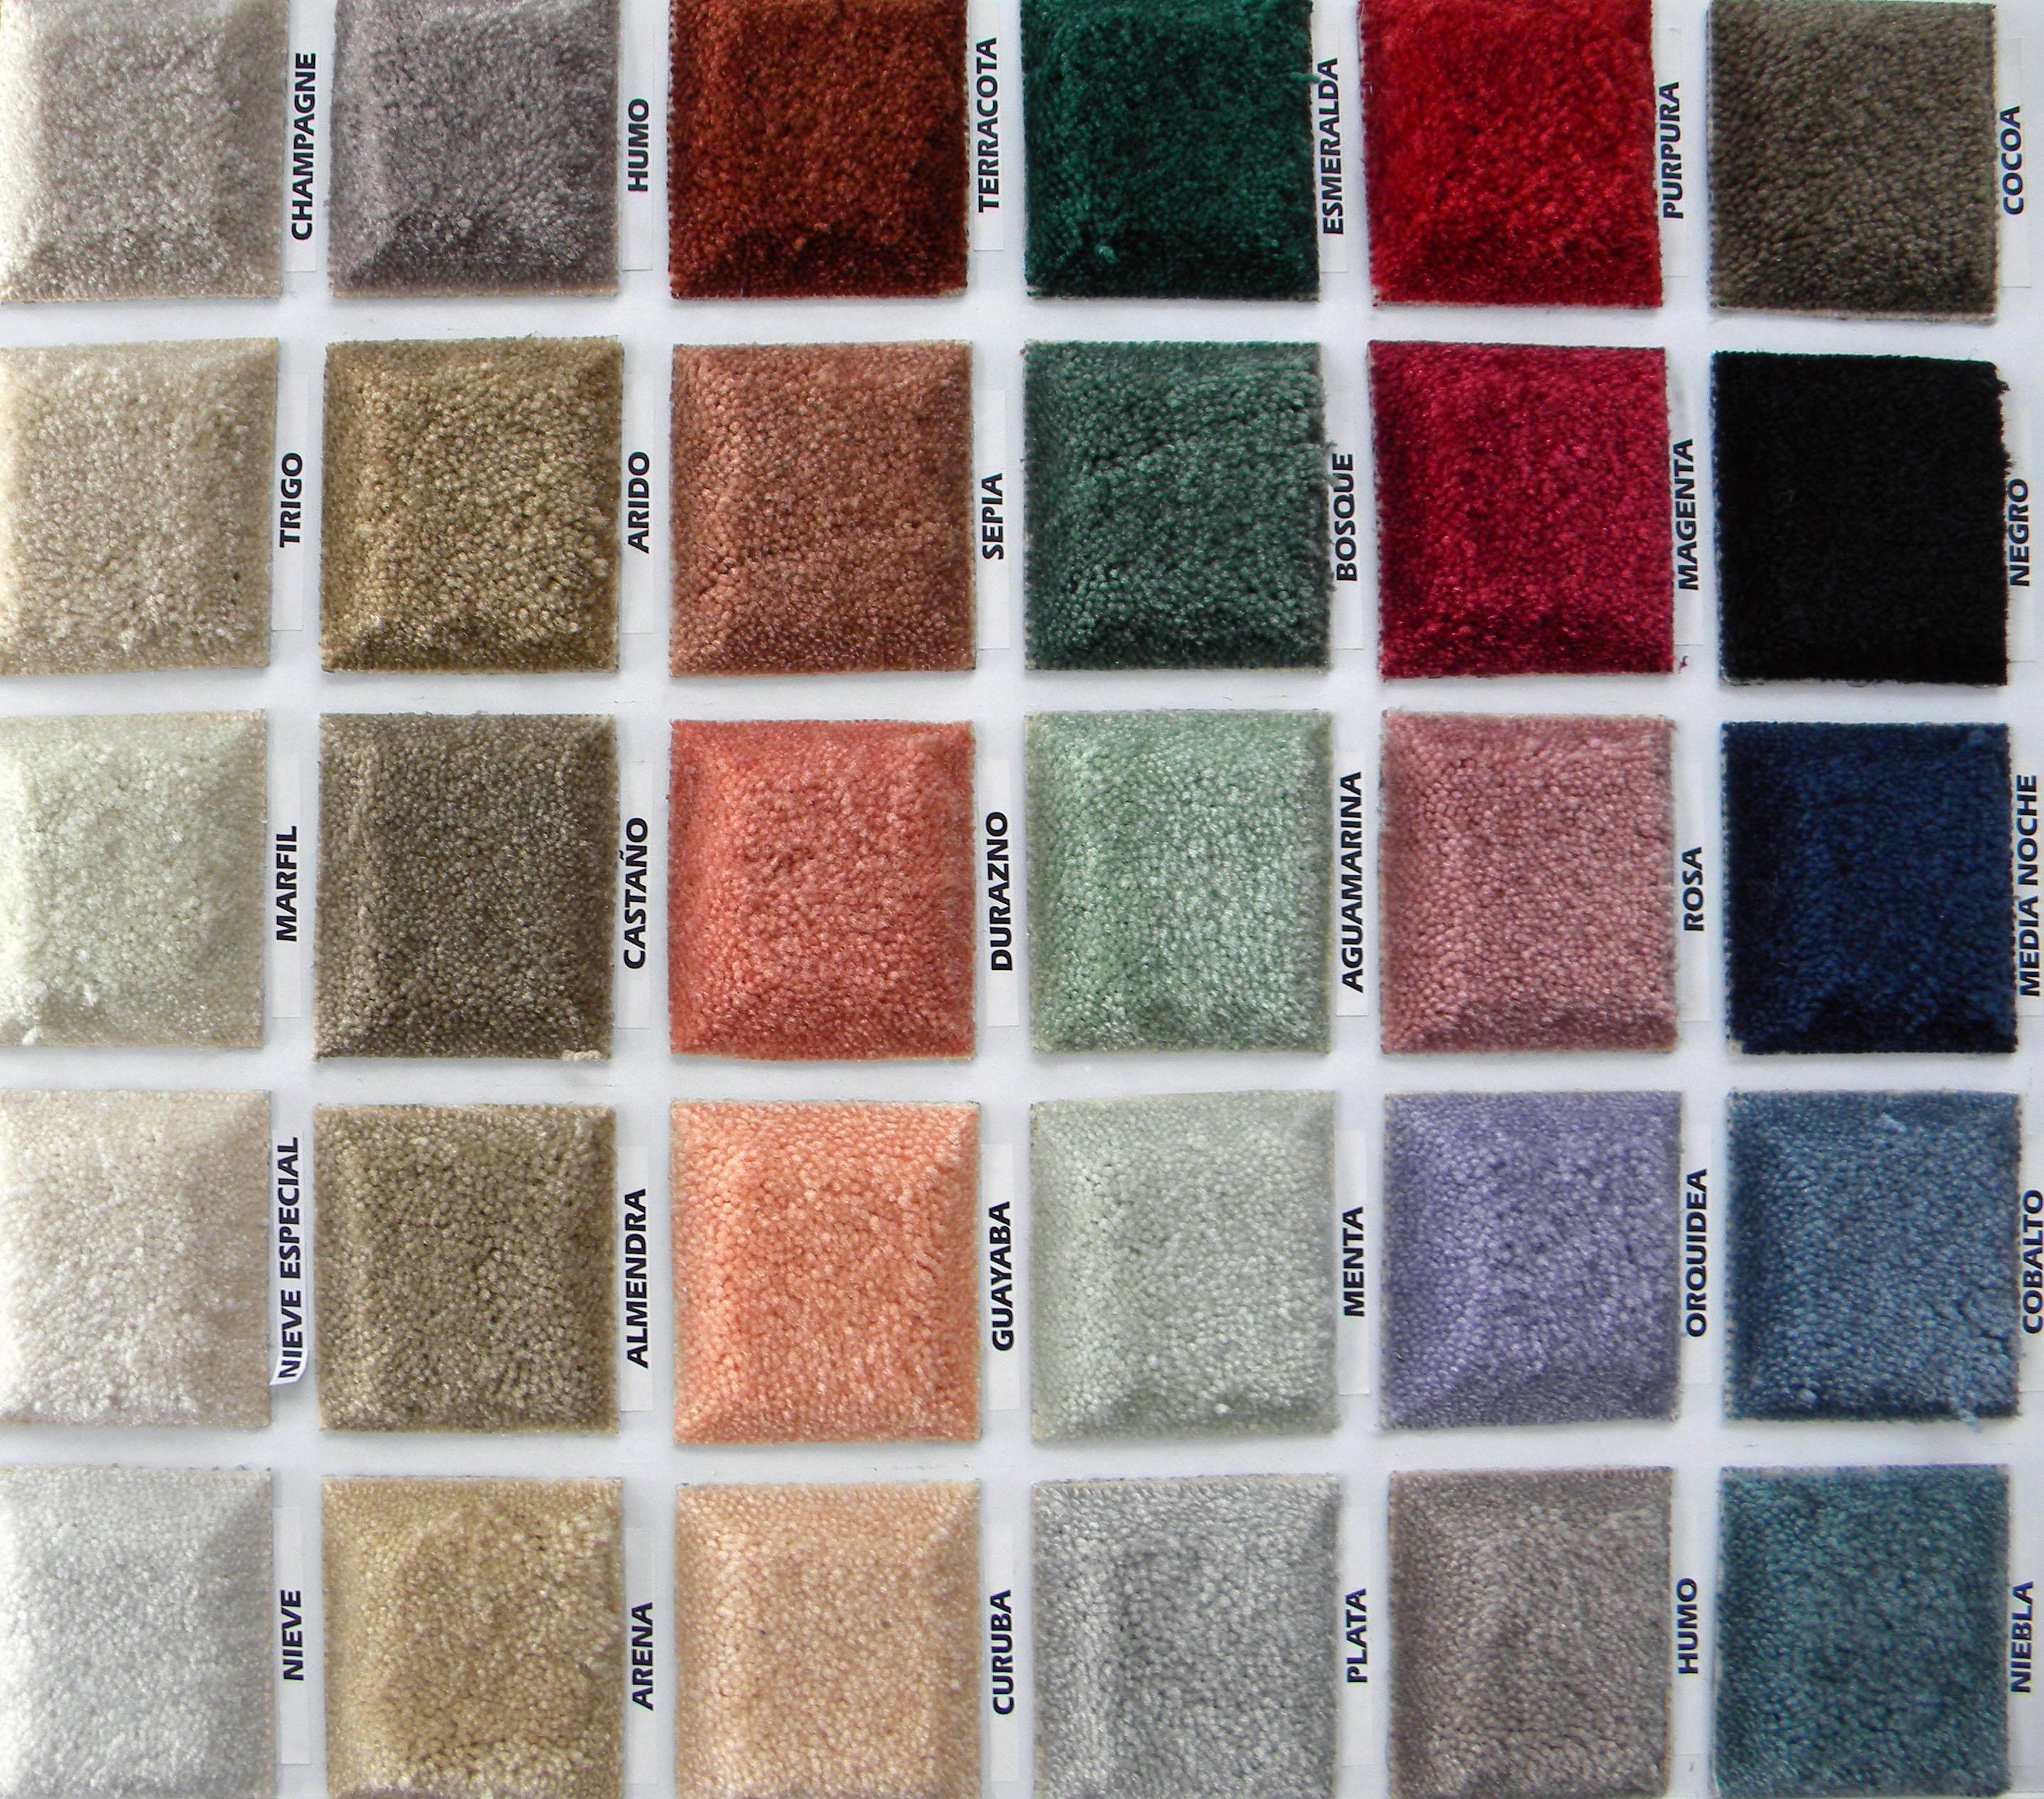 Alfombras residenciales acabados 138 for Valor alfombra